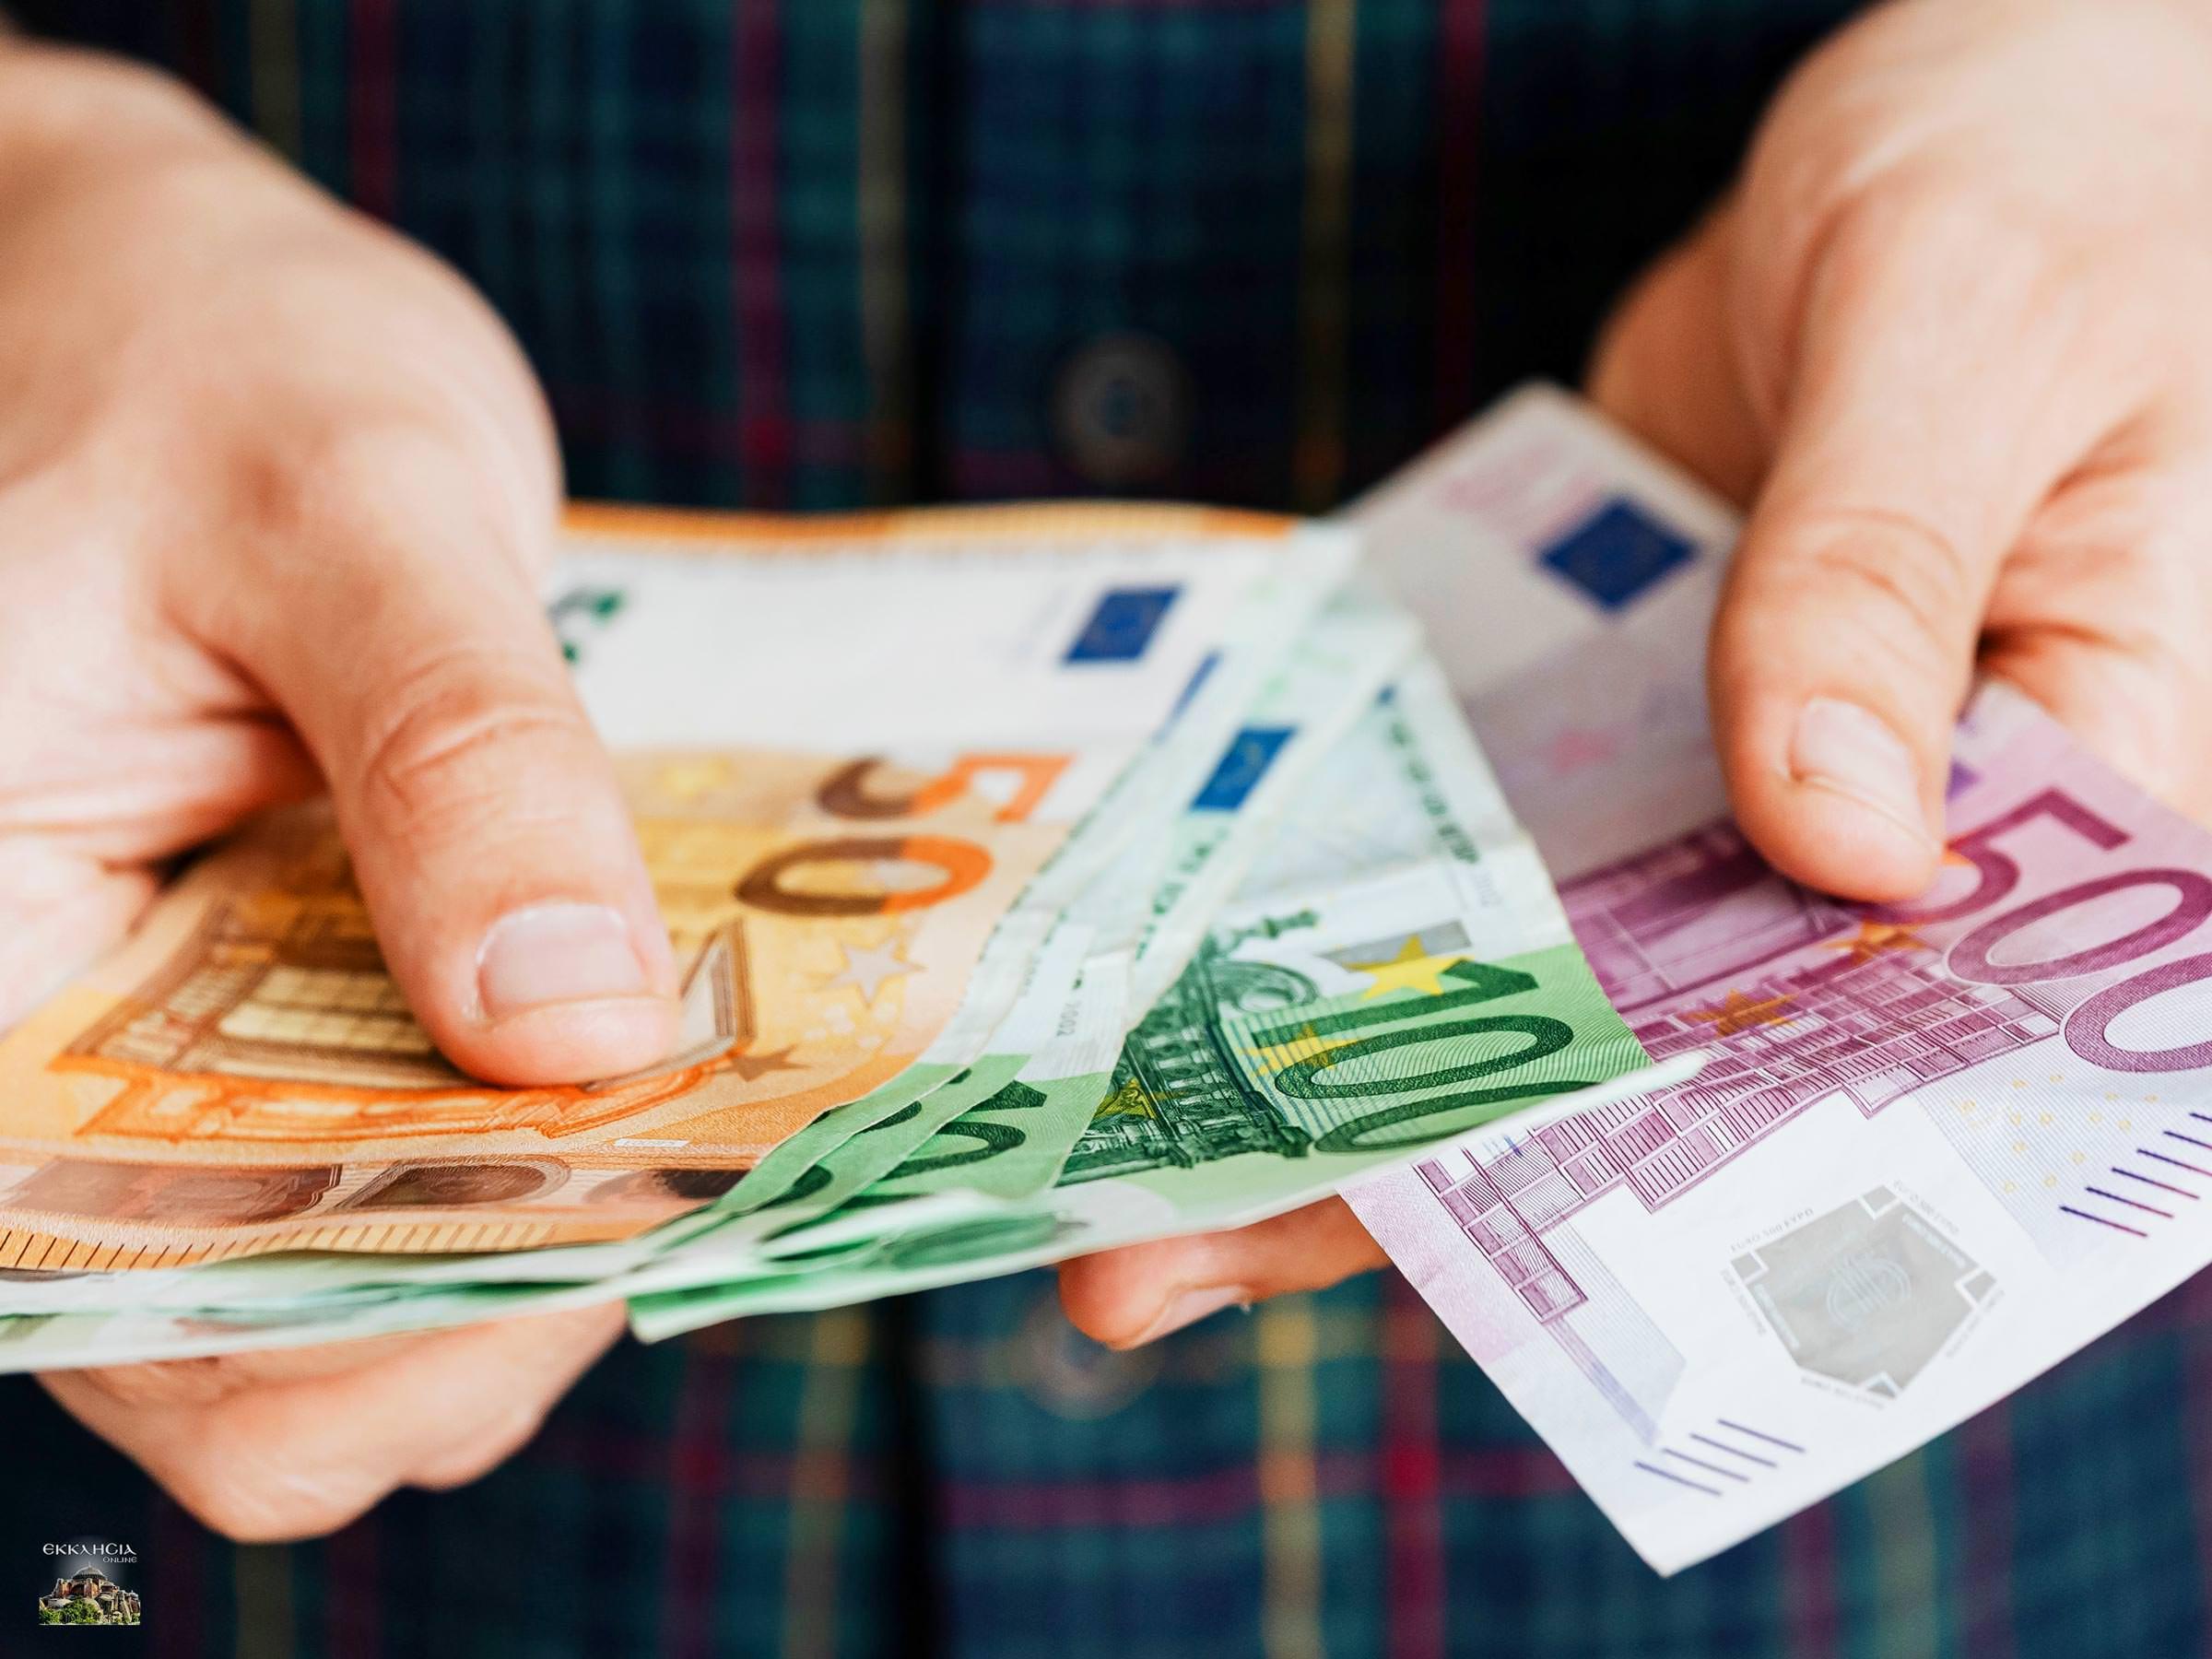 επιδόματα μετρητά δόσεις πληρωμές euros